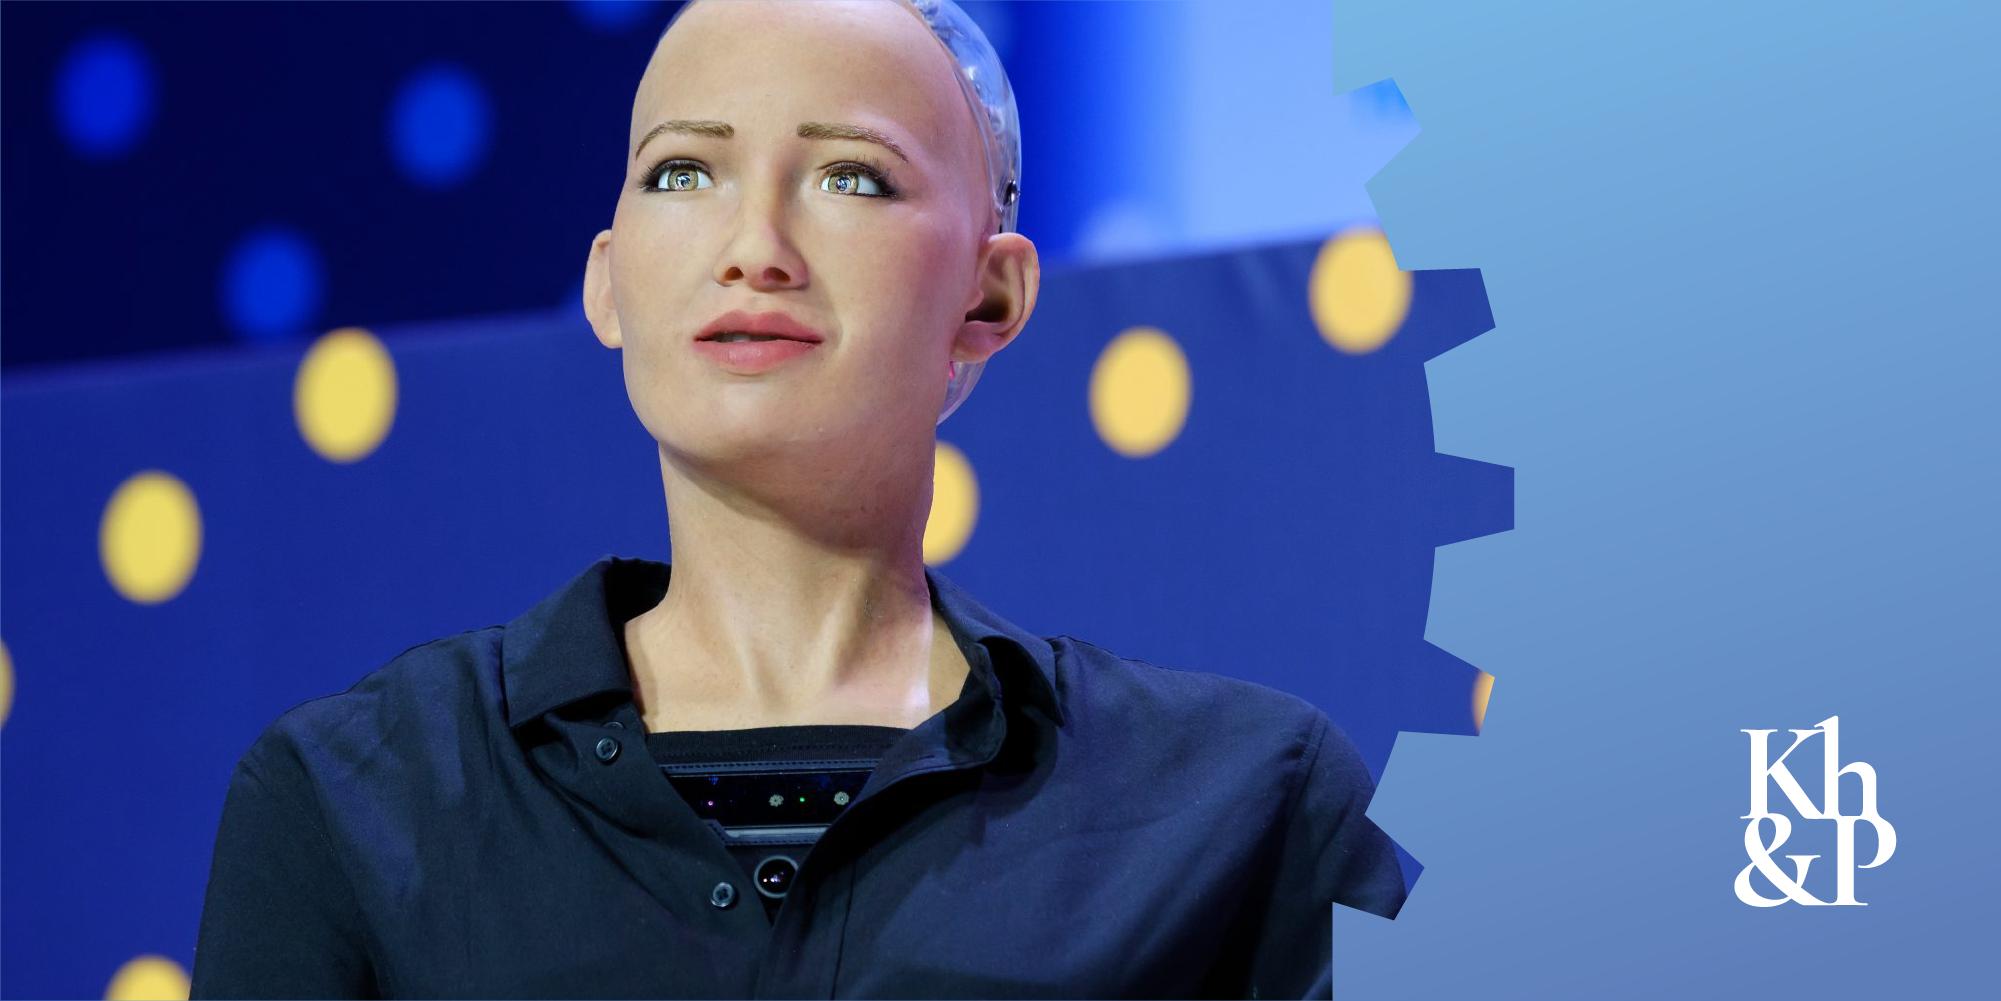 Как внедрить искусственный интеллект и не попасть в зловещую долину